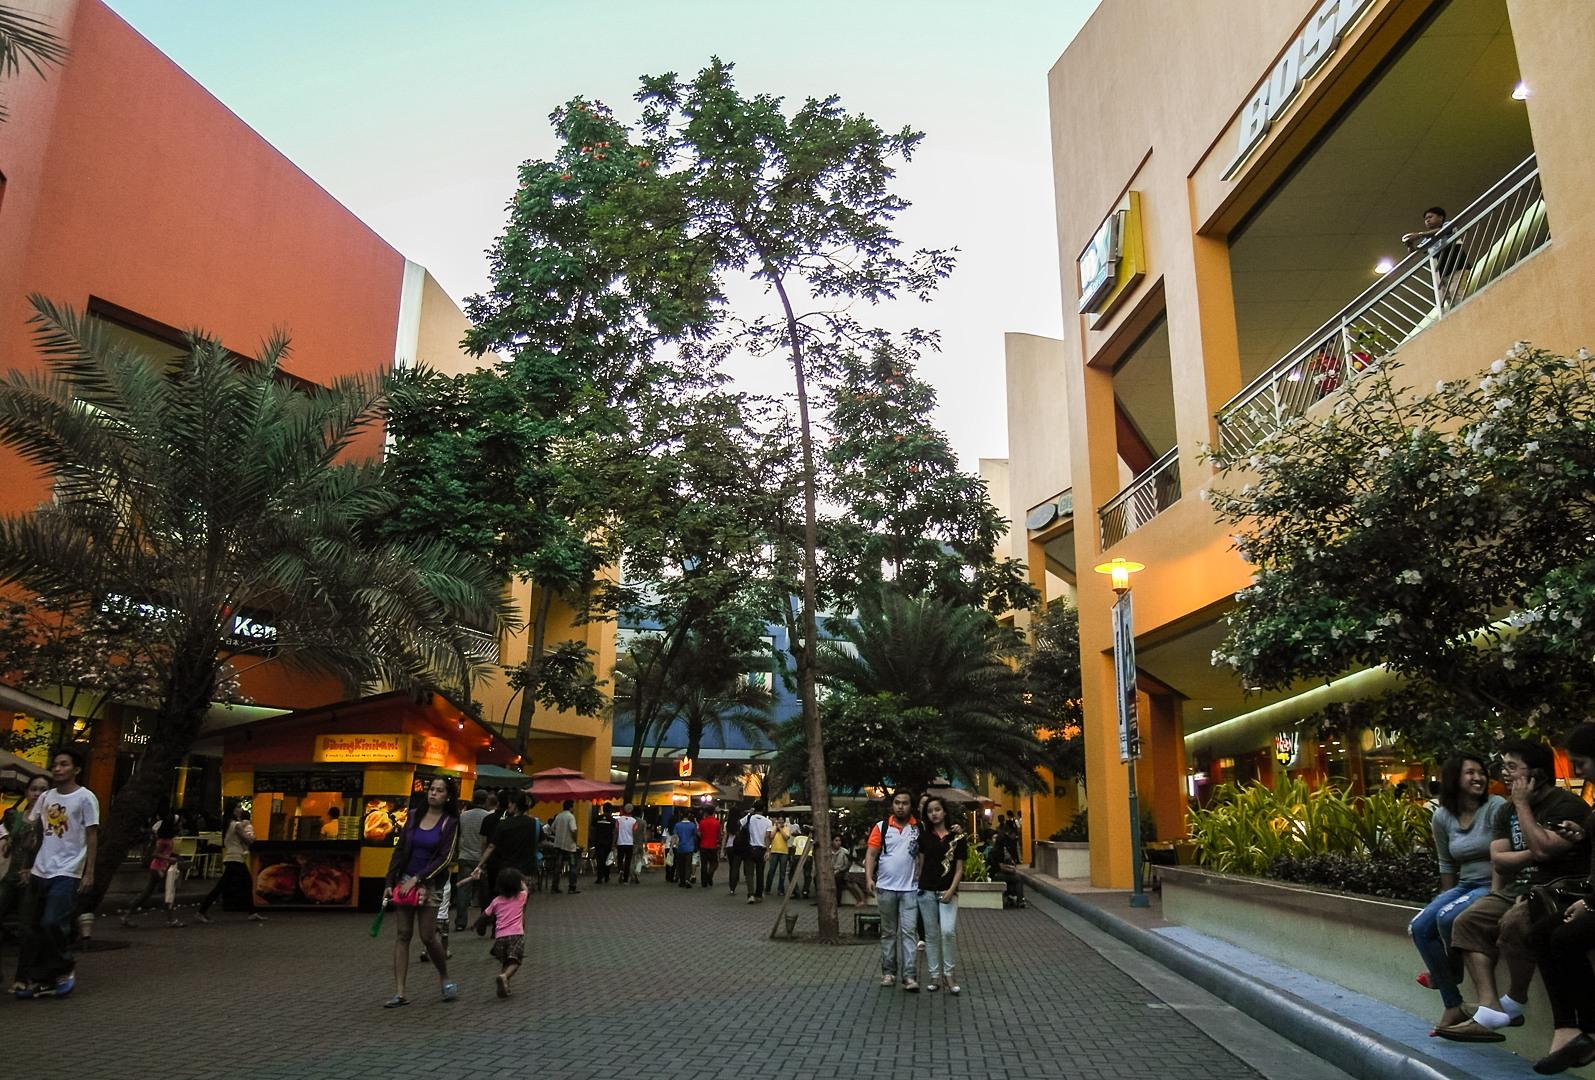 Торговый комплекс Манила, Филиппины